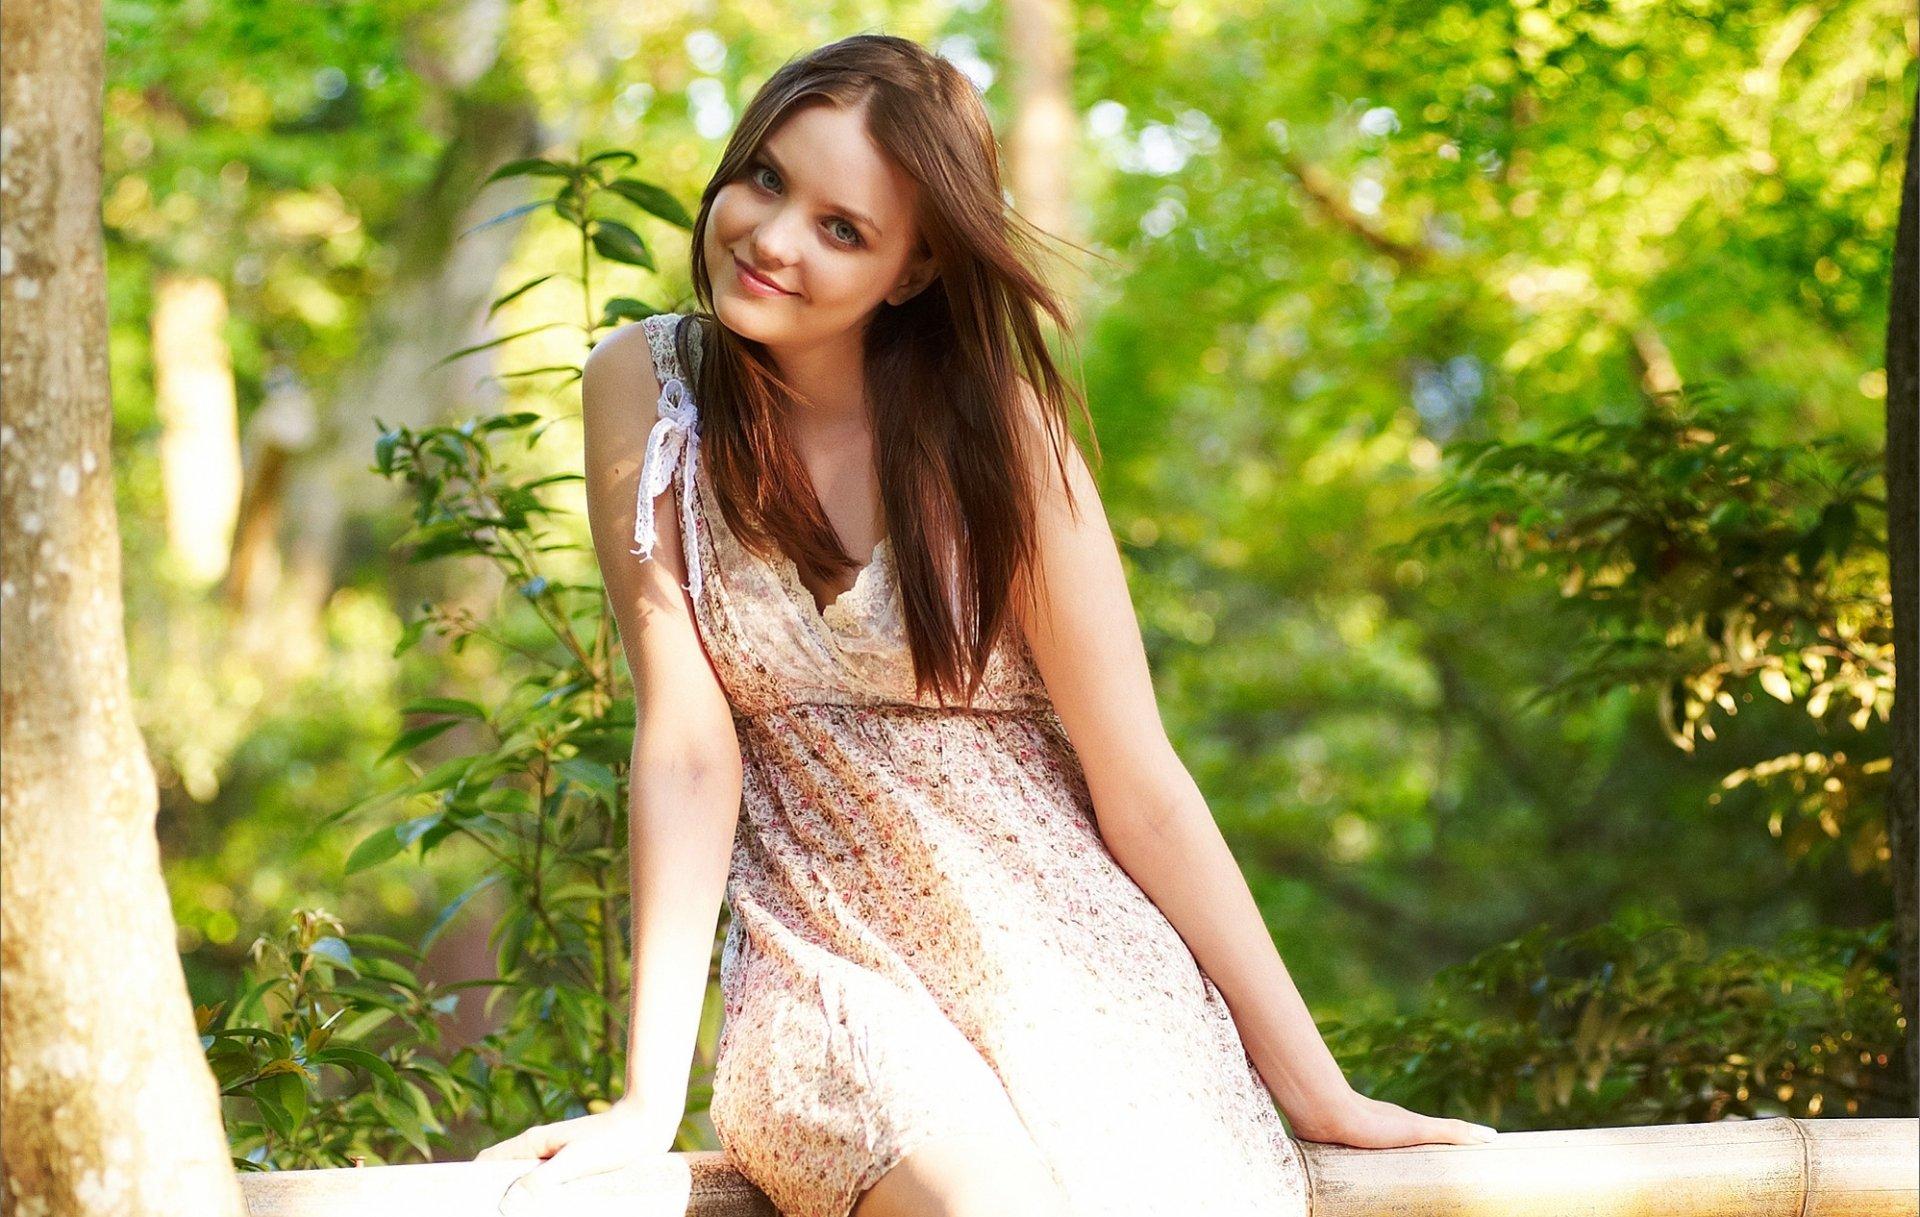 Онлайн кончила красивая скромная девушка номерами телефонов